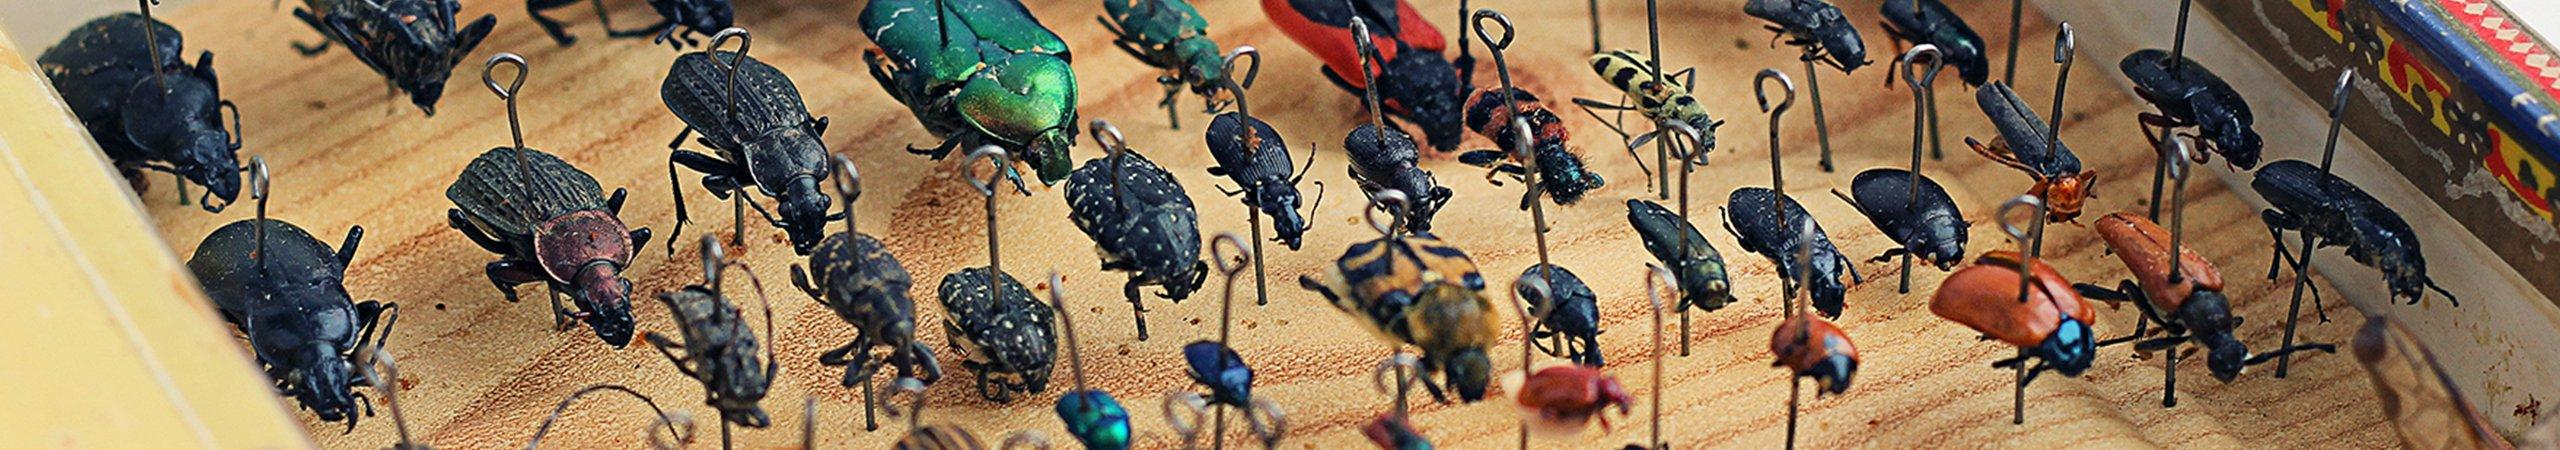 an entomology collection